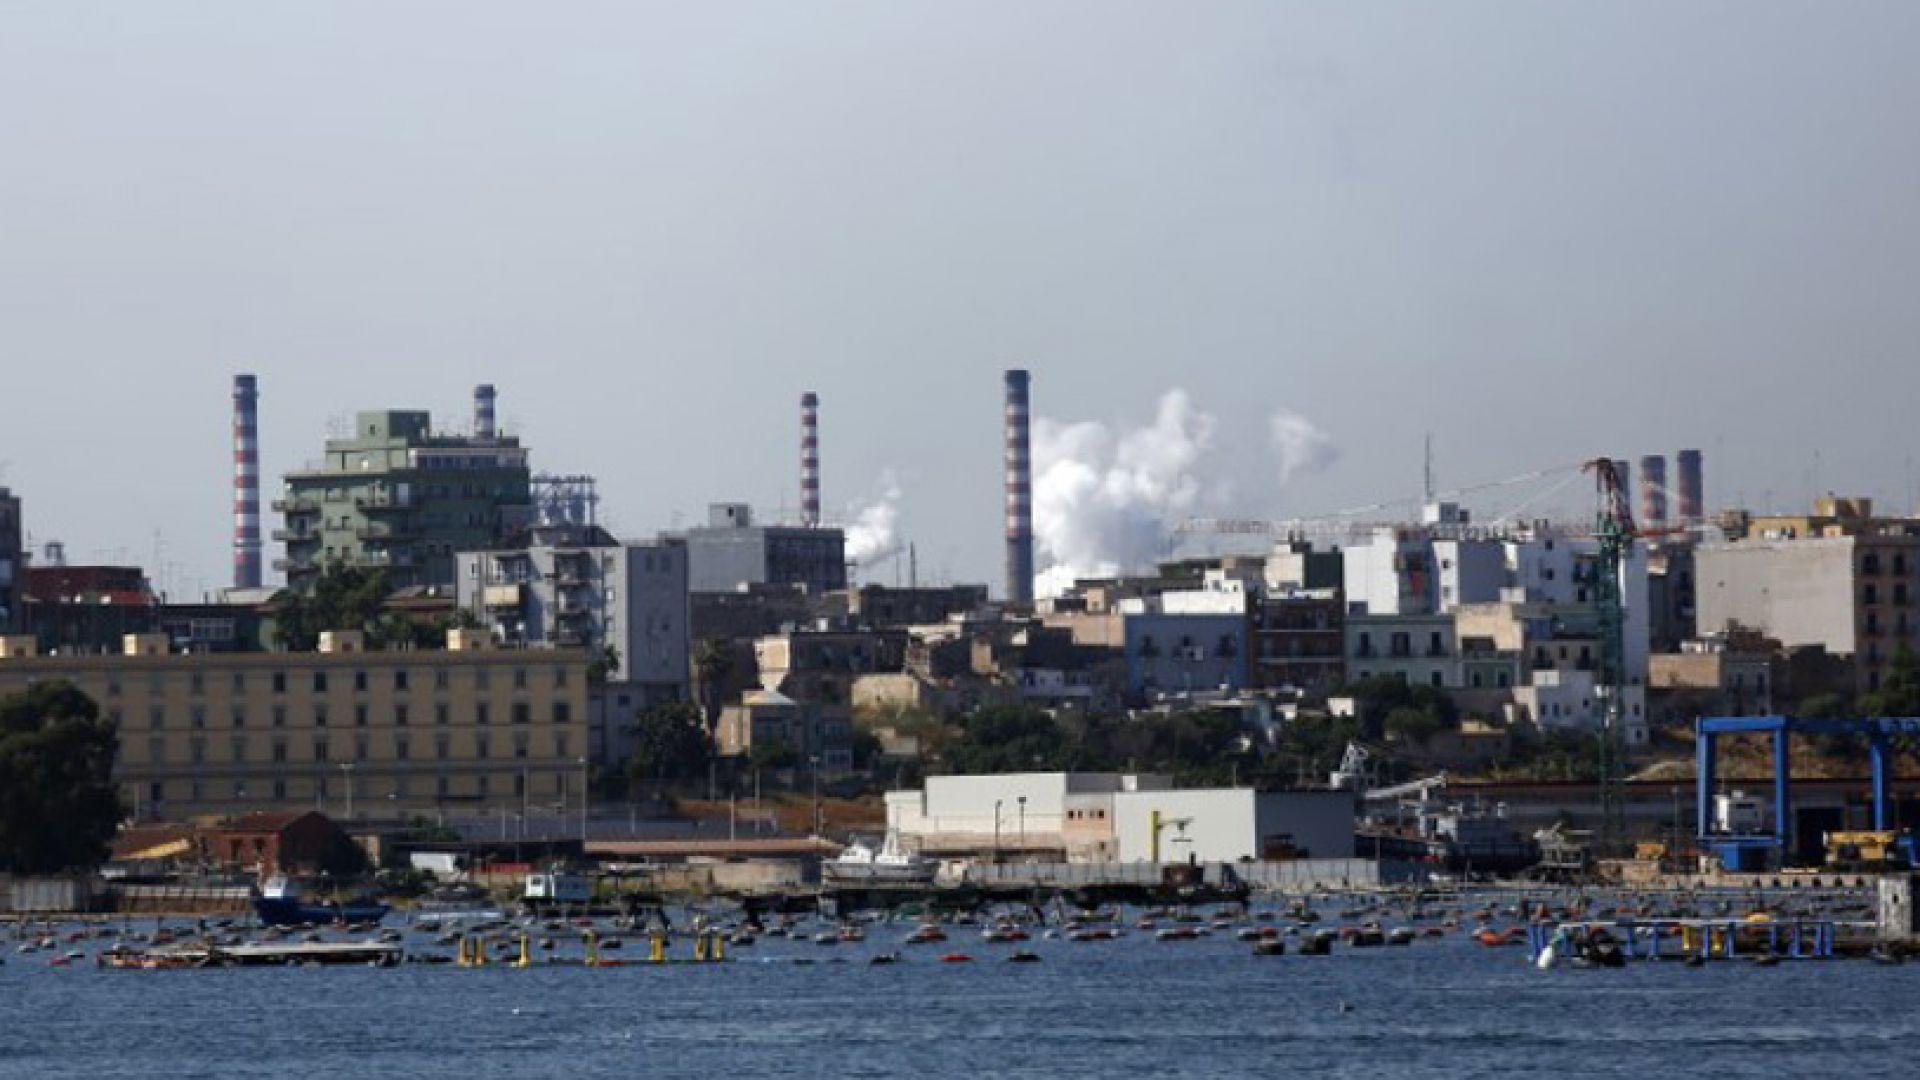 История като за филм: Мегадело за екокатастрофа завърши със затвор за бизнесмени в Италия